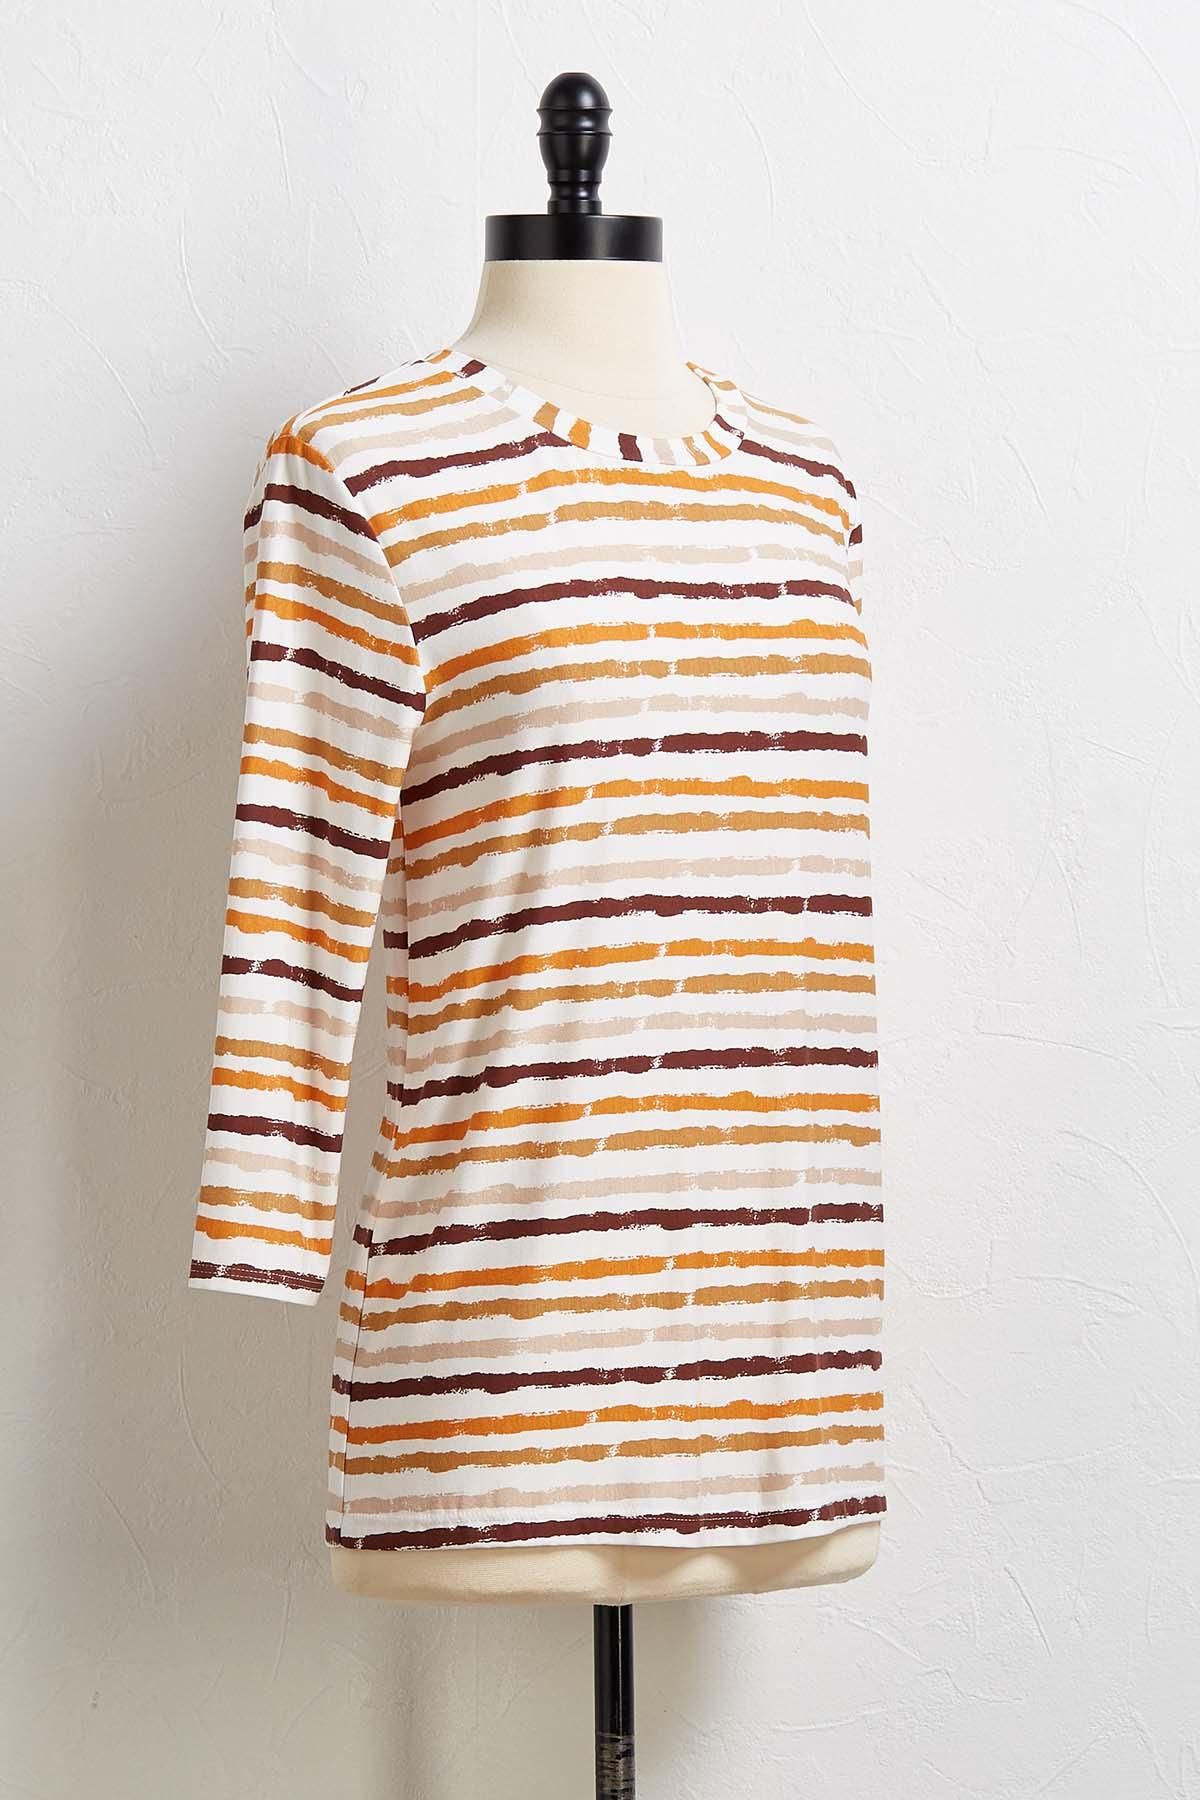 Feeling Fine Striped Top